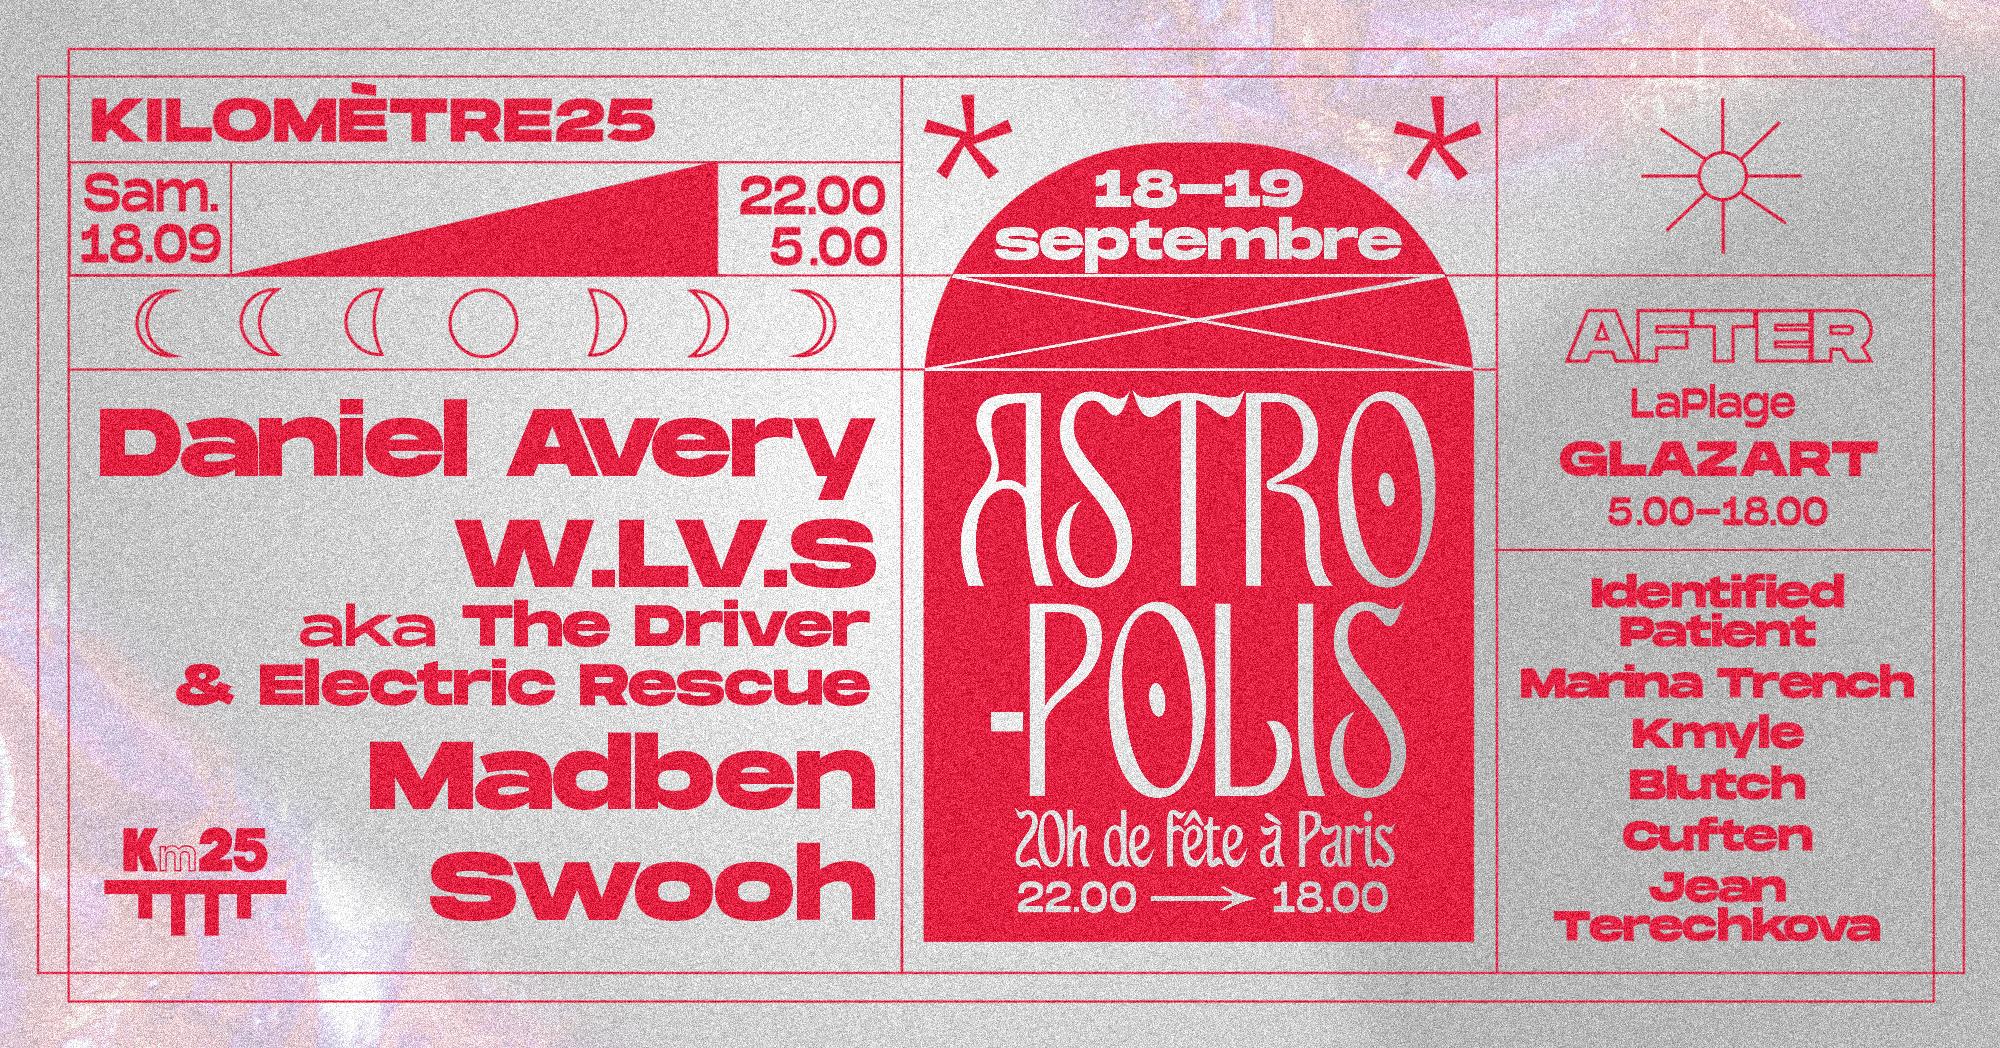 Km25 x Astropolis : Daniel Avery, W.LV.S, Madben, Swooh